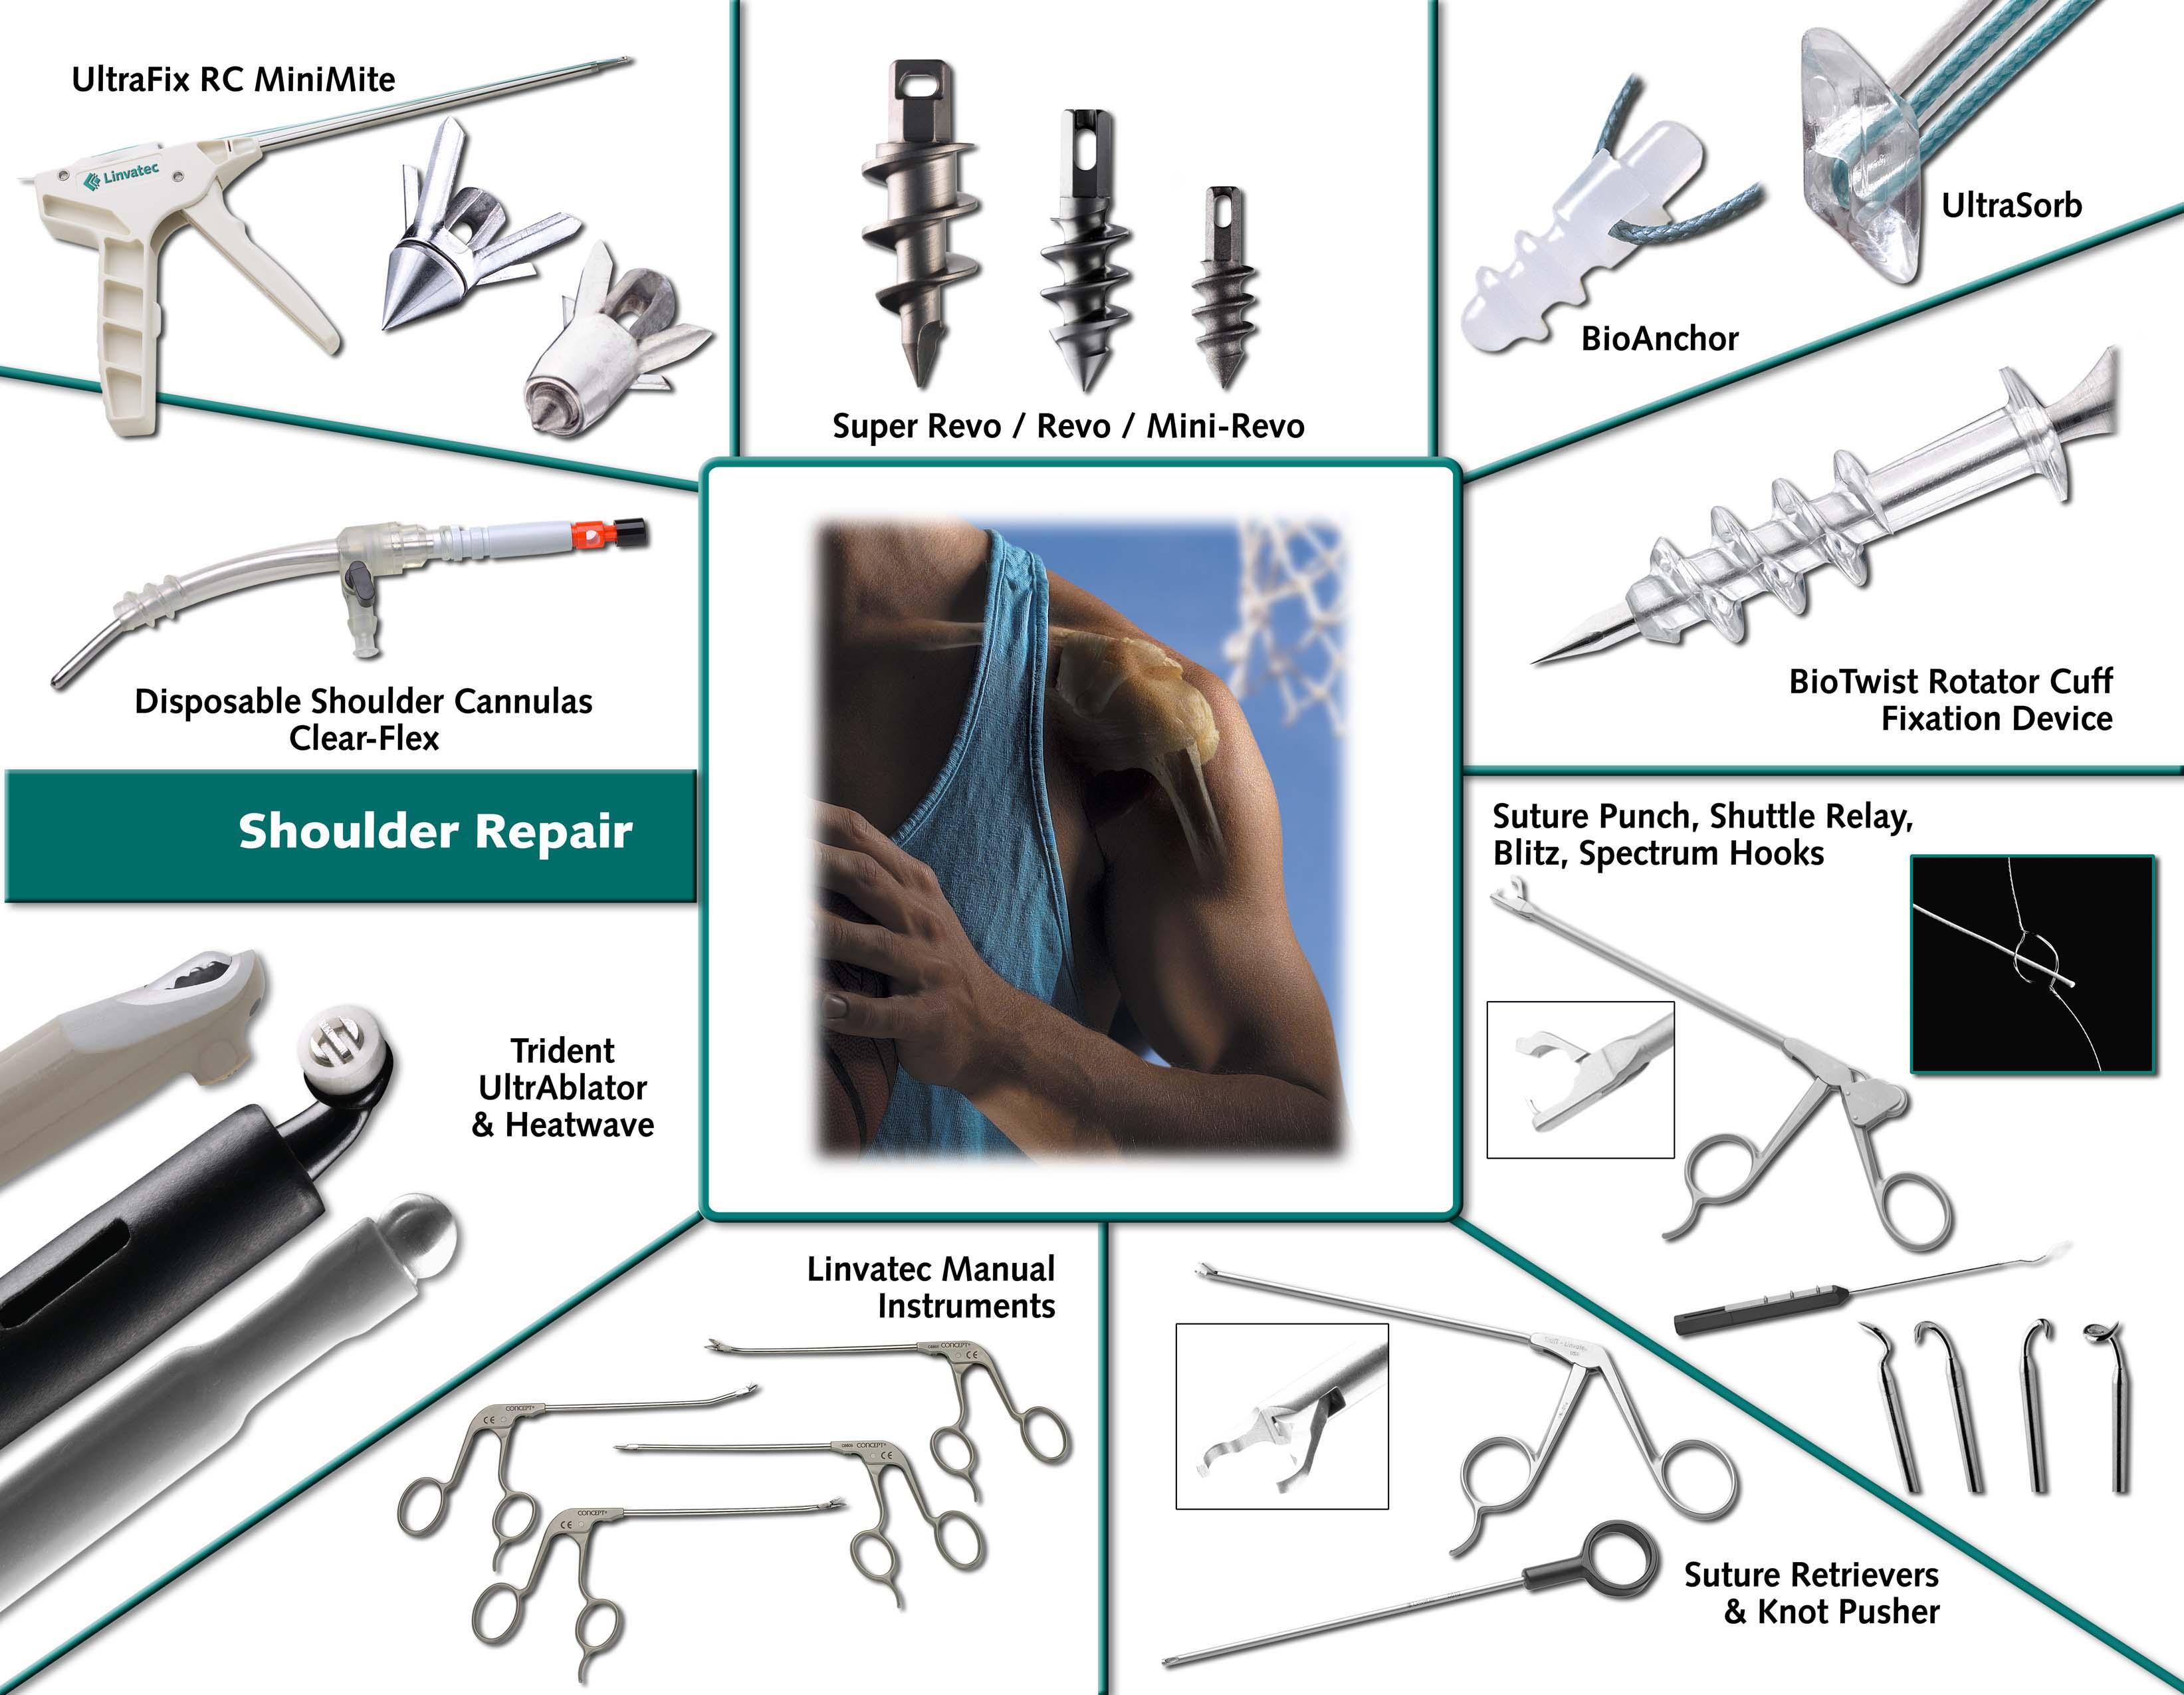 Omuz Artroskopisi ürünleri